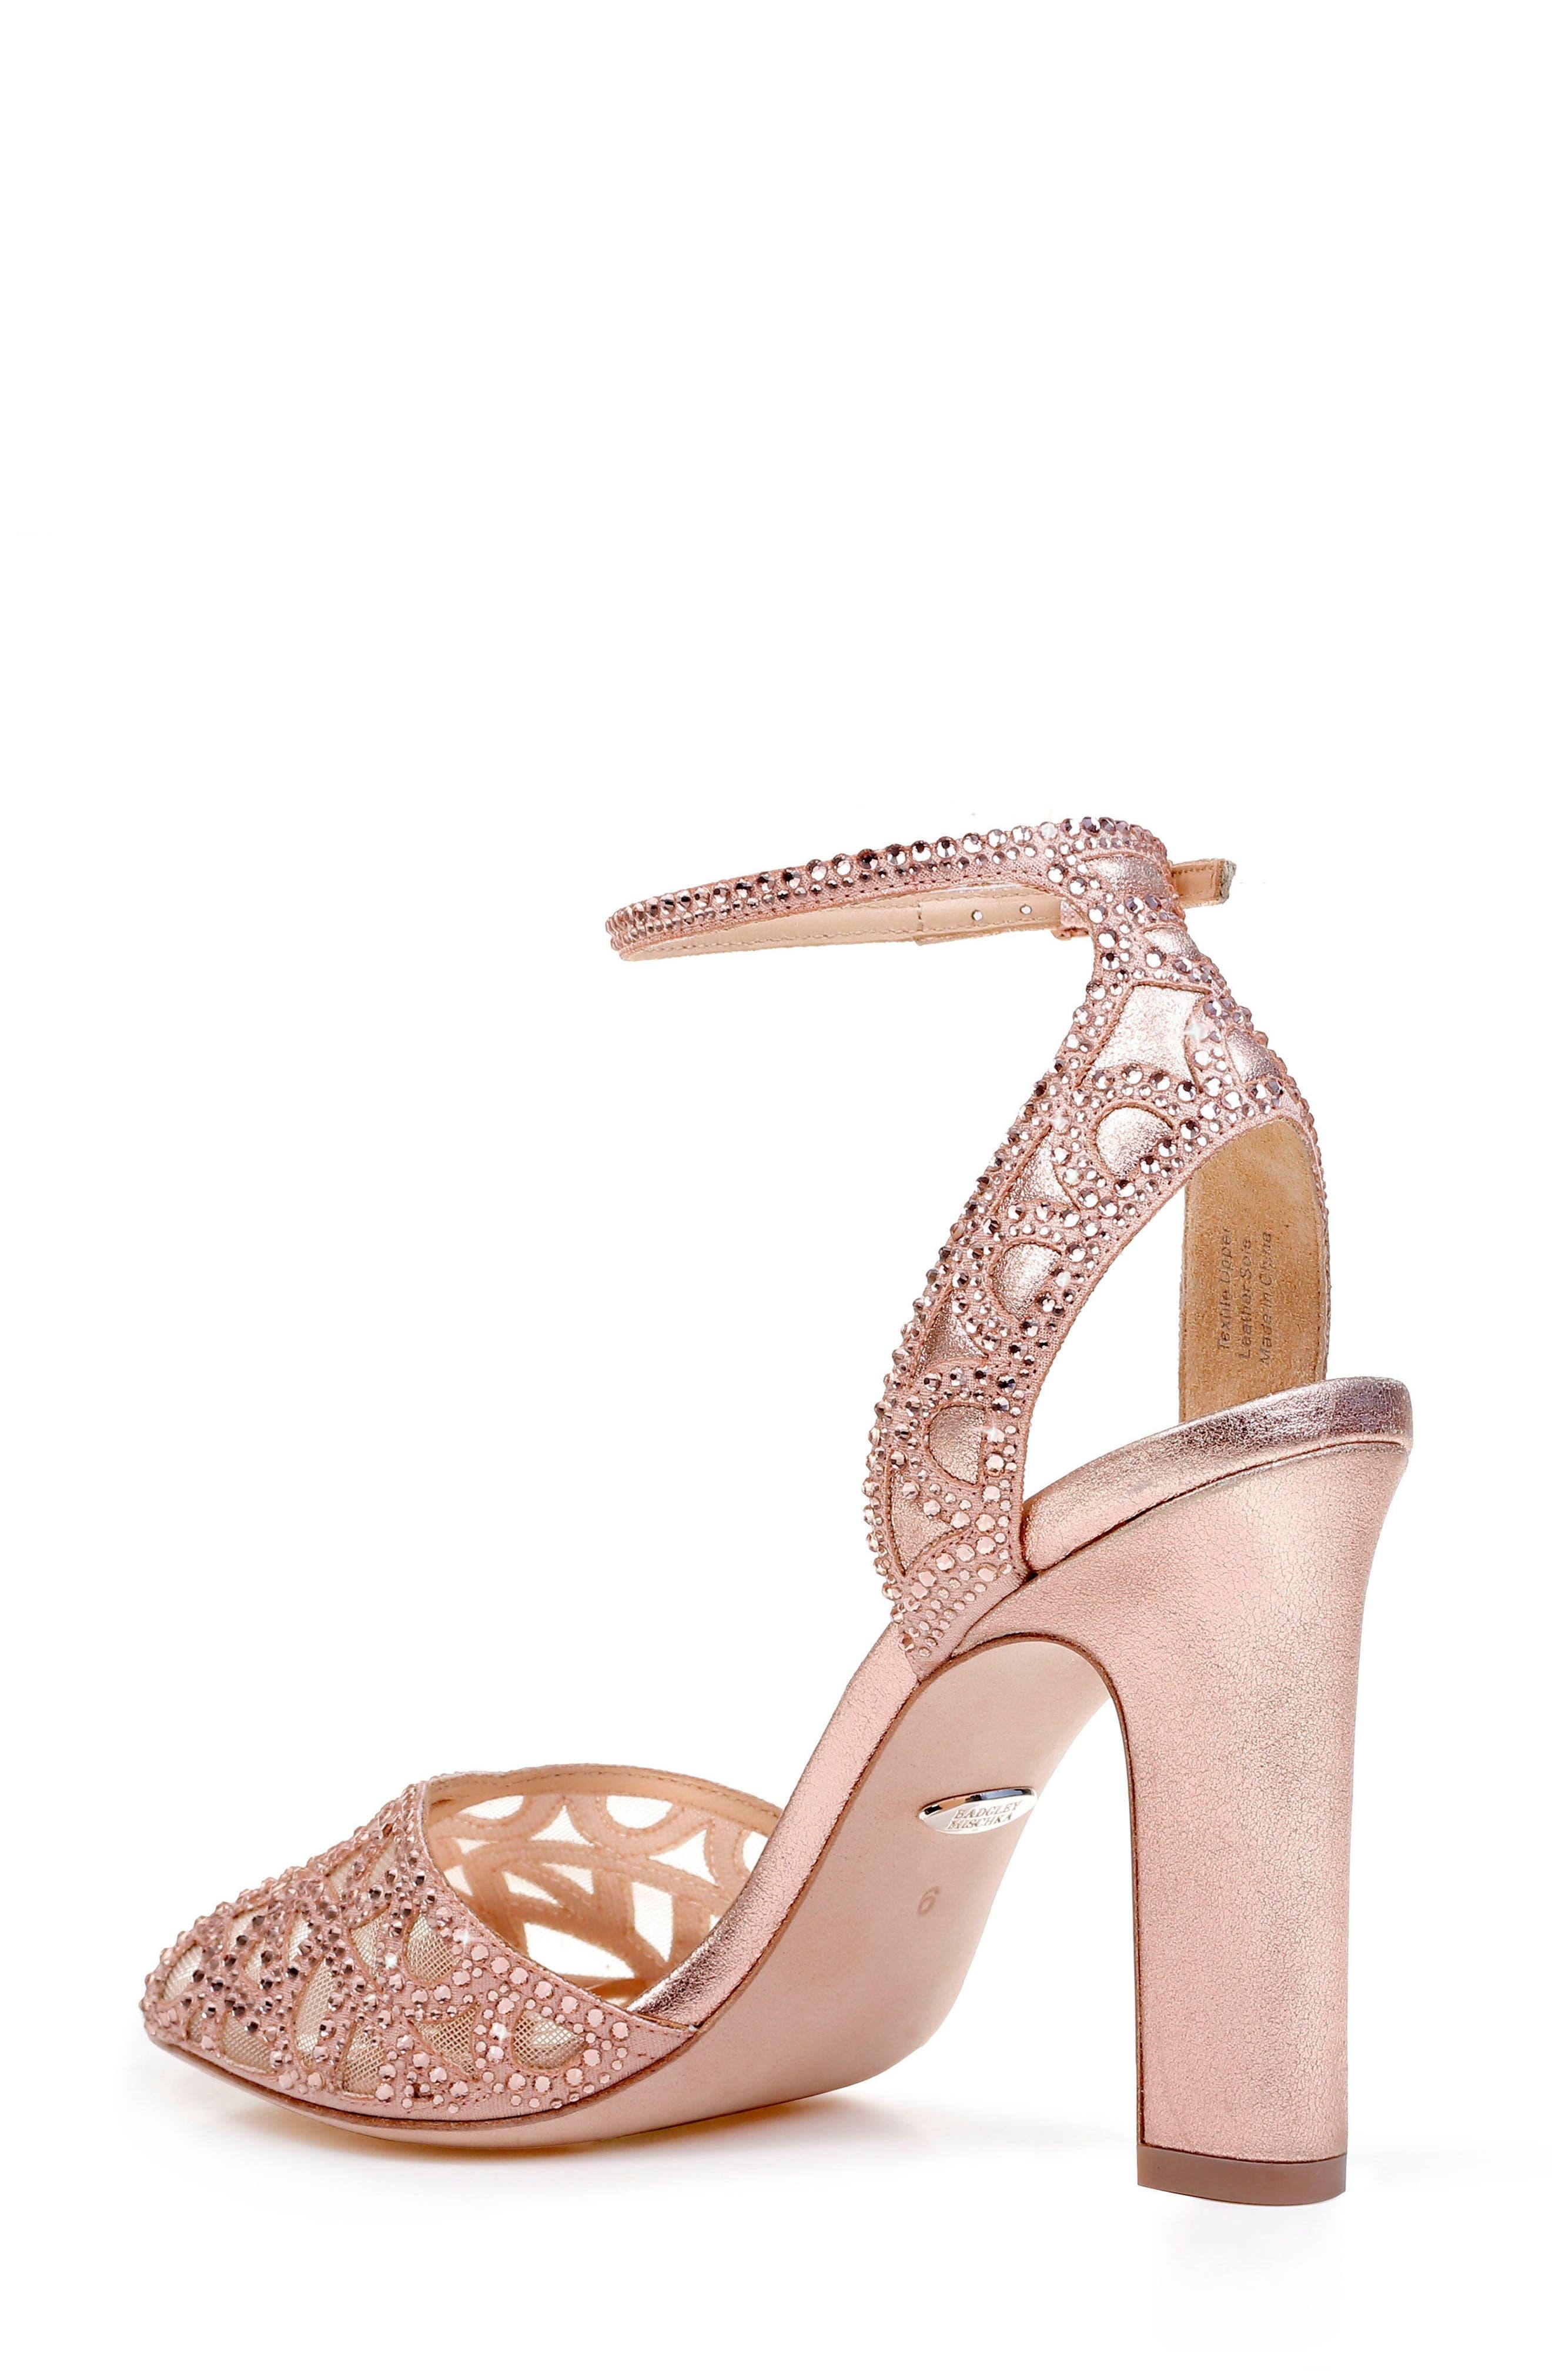 Hart Crystal Embellished Sandal,                             Alternate thumbnail 2, color,                             ROSE GOLD METALLIC SUEDE